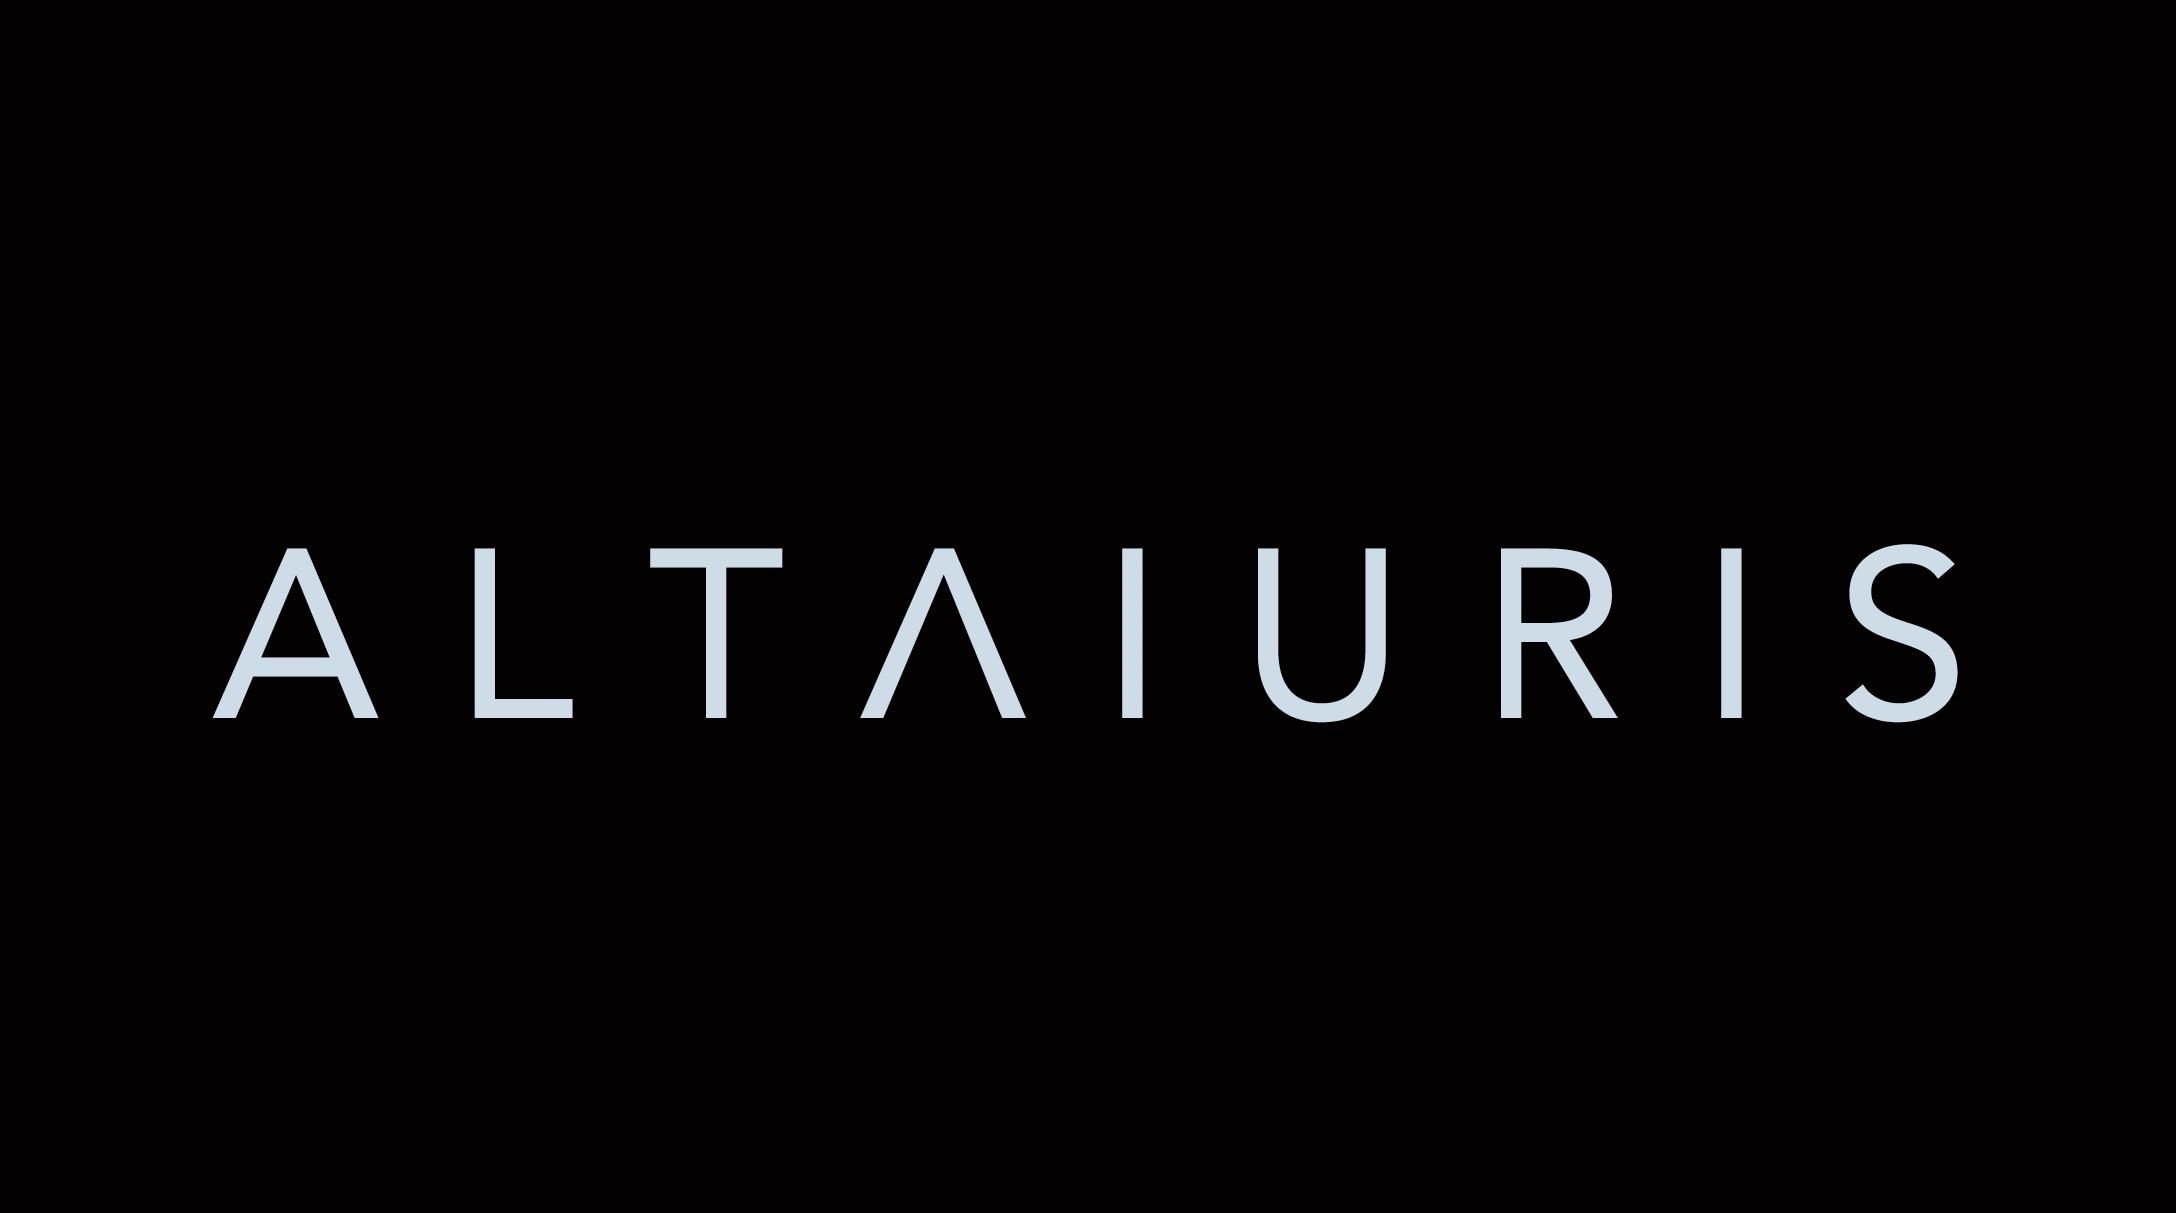 ALTAIURIS CANARIAS - Consultores y Abogados